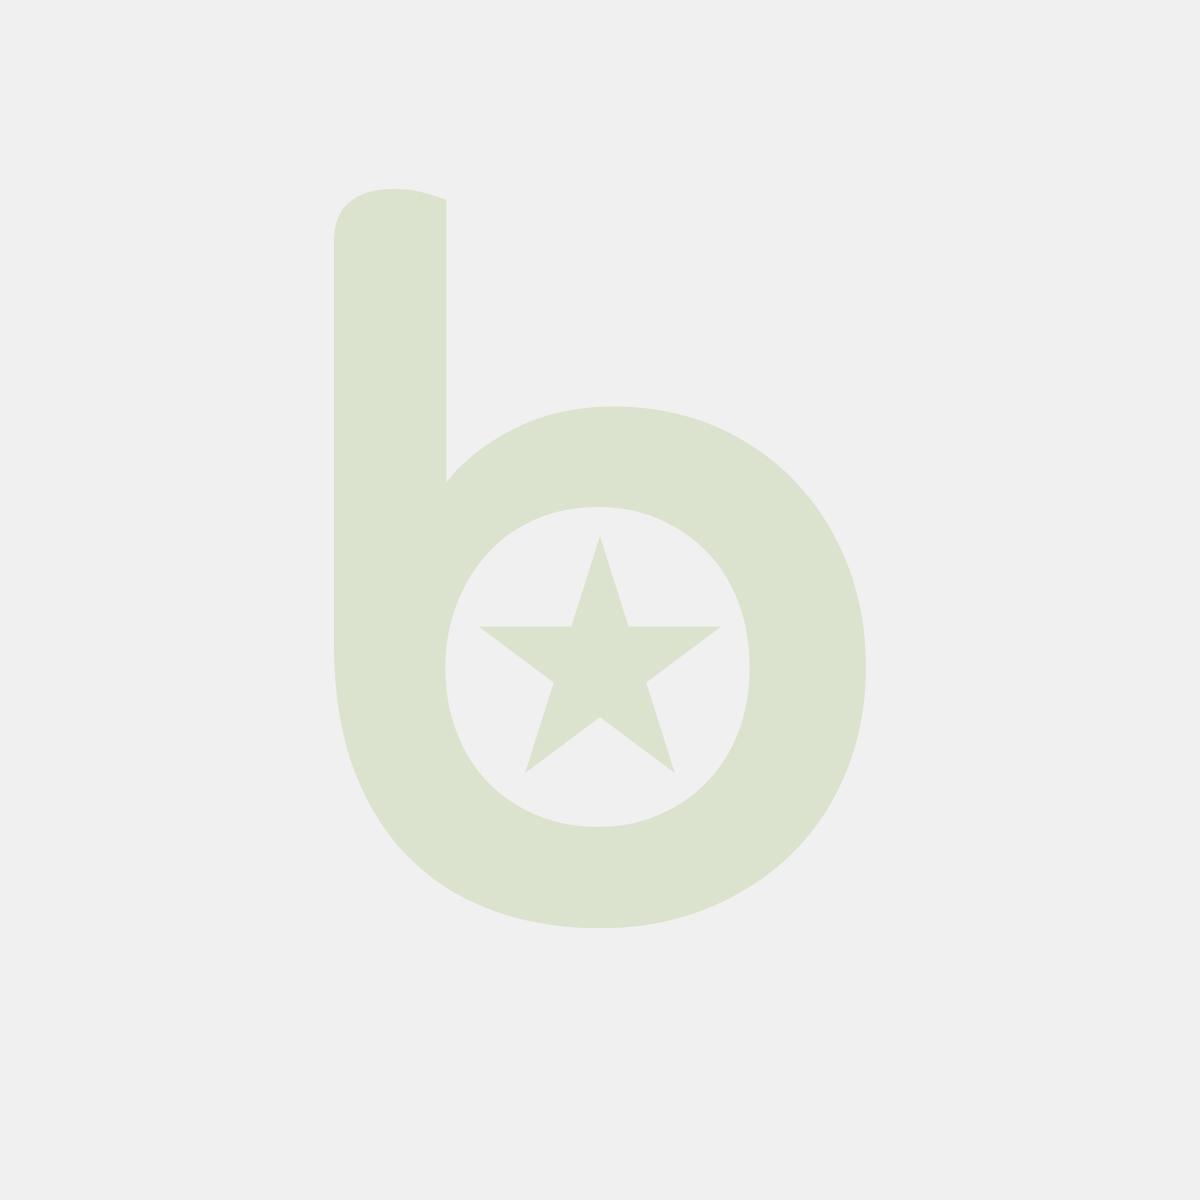 Pojemnik Gn 1/1 Z Chowanymi Uchwytami – 530X325 Mm